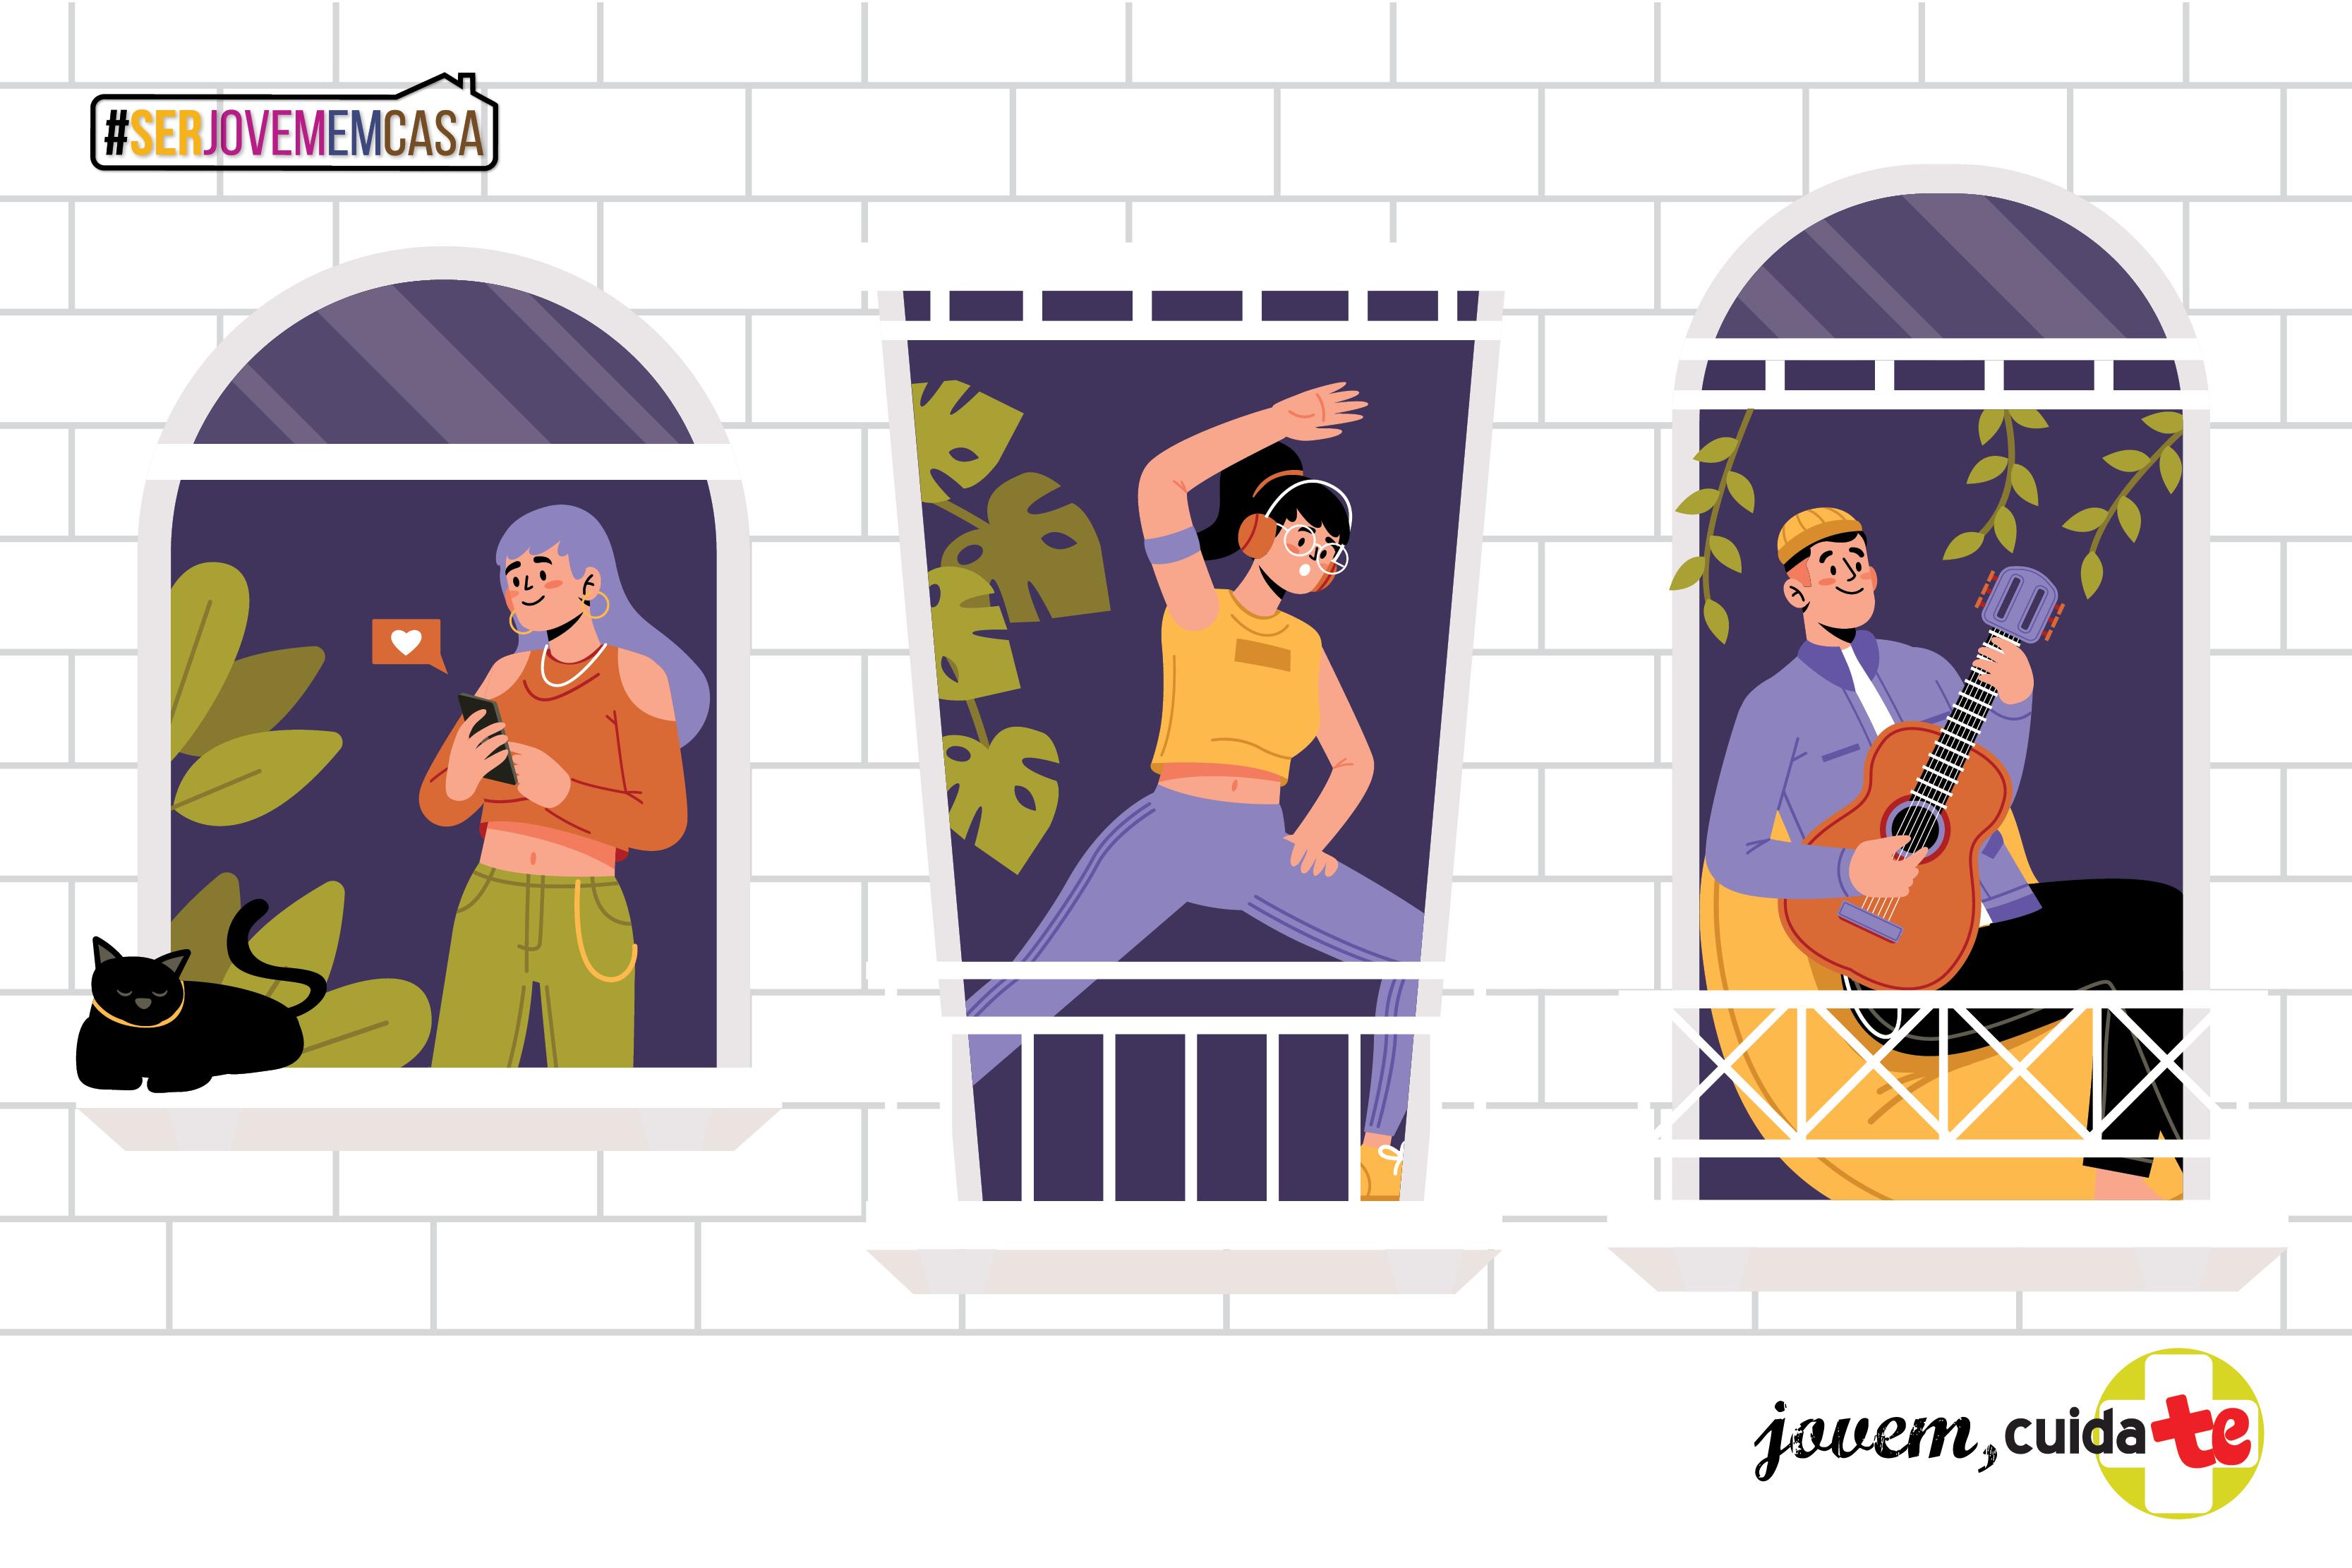 imagem gráfica de três jovens em atividades distintas em janelas de edifício